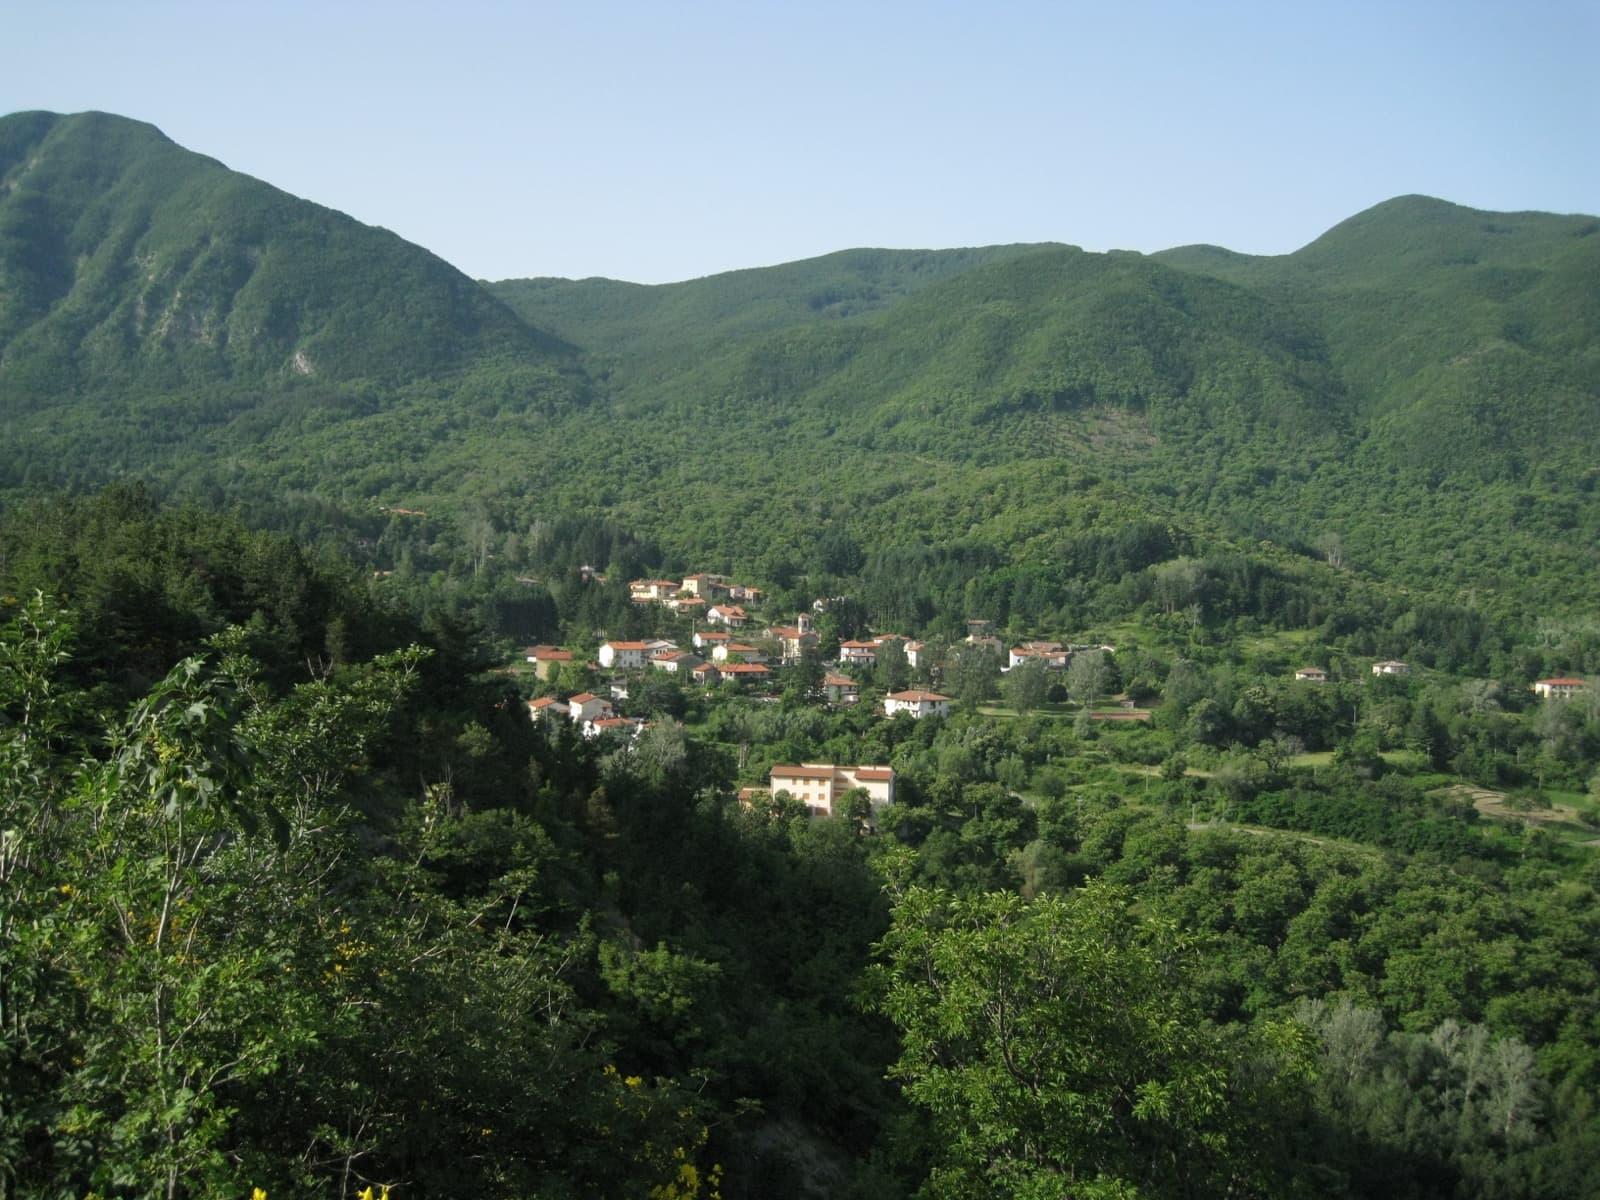 Castagno d'Andrea via parcoforestecasentinesi.it